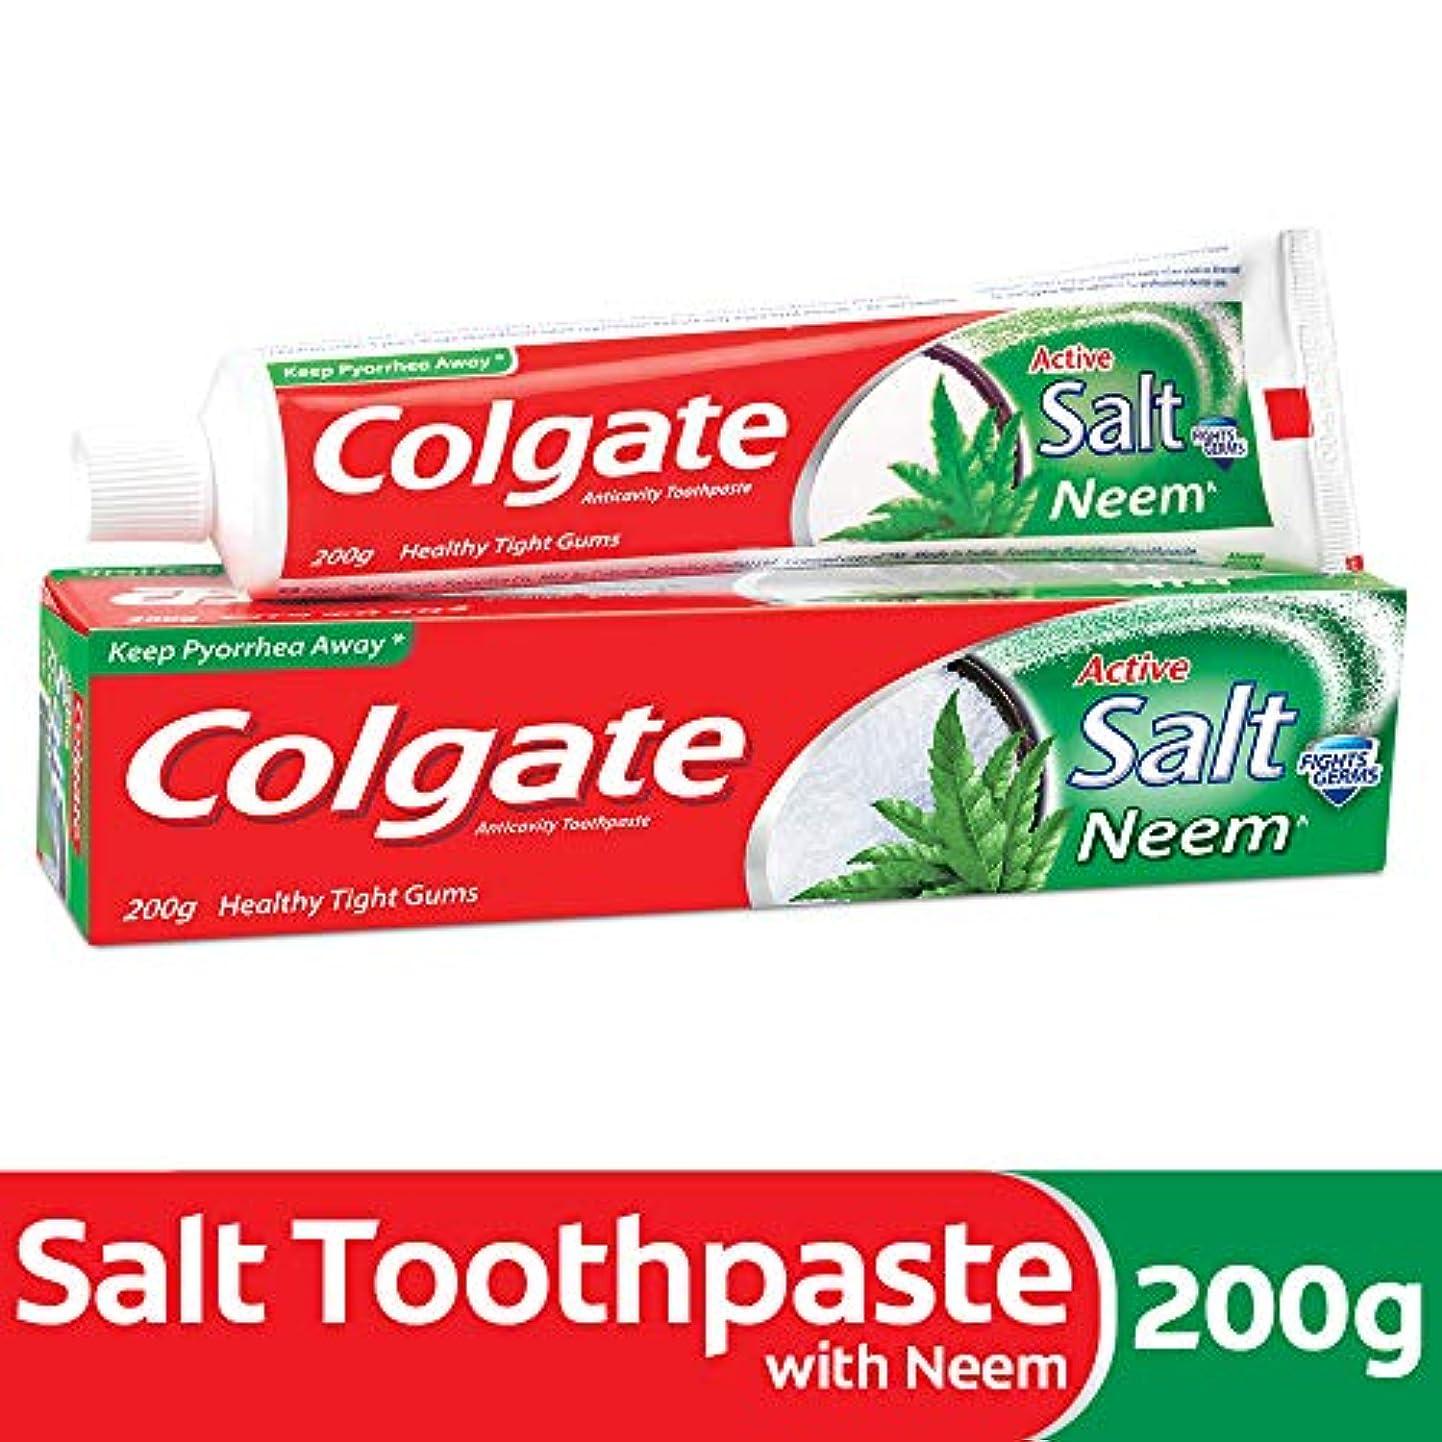 保持子フェザーColgate Active Salt Neem Anticavity Toothpaste - 200g